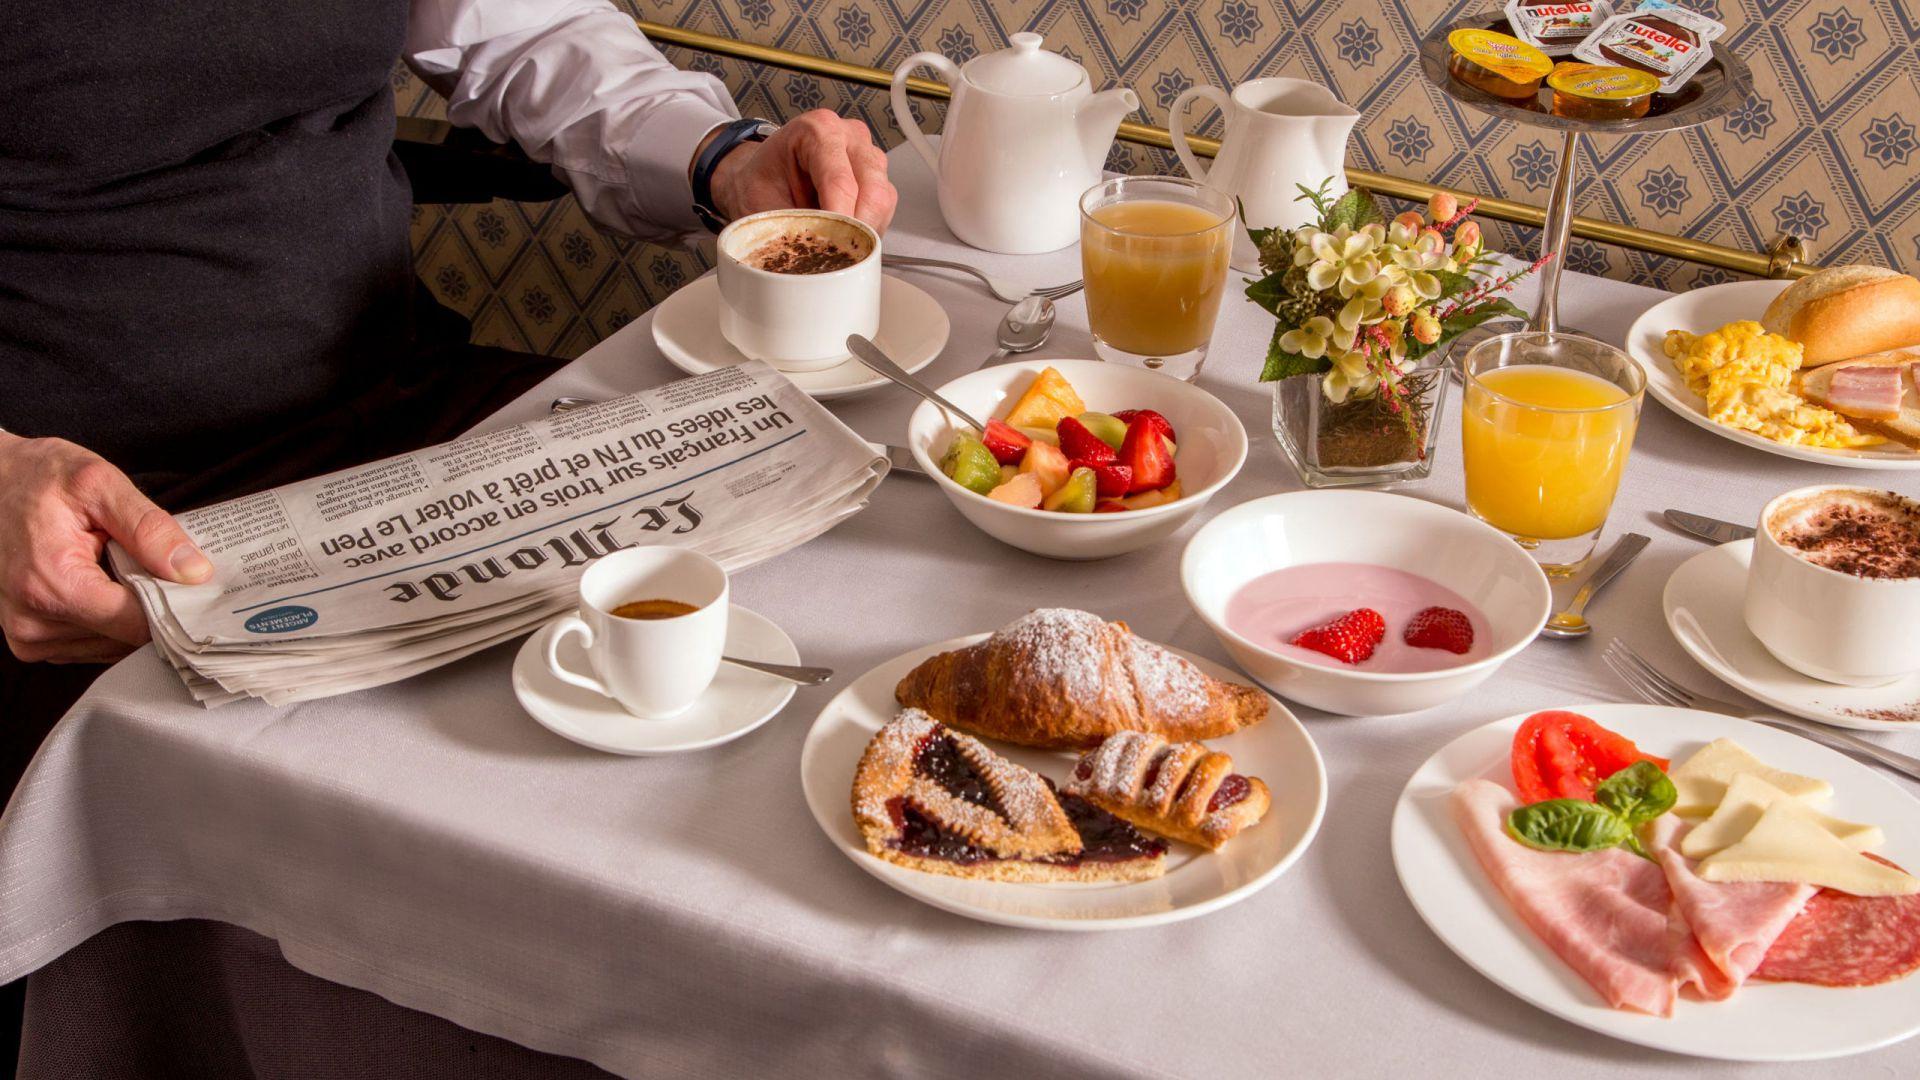 albergo-ottocento-rome-déjeuner-05